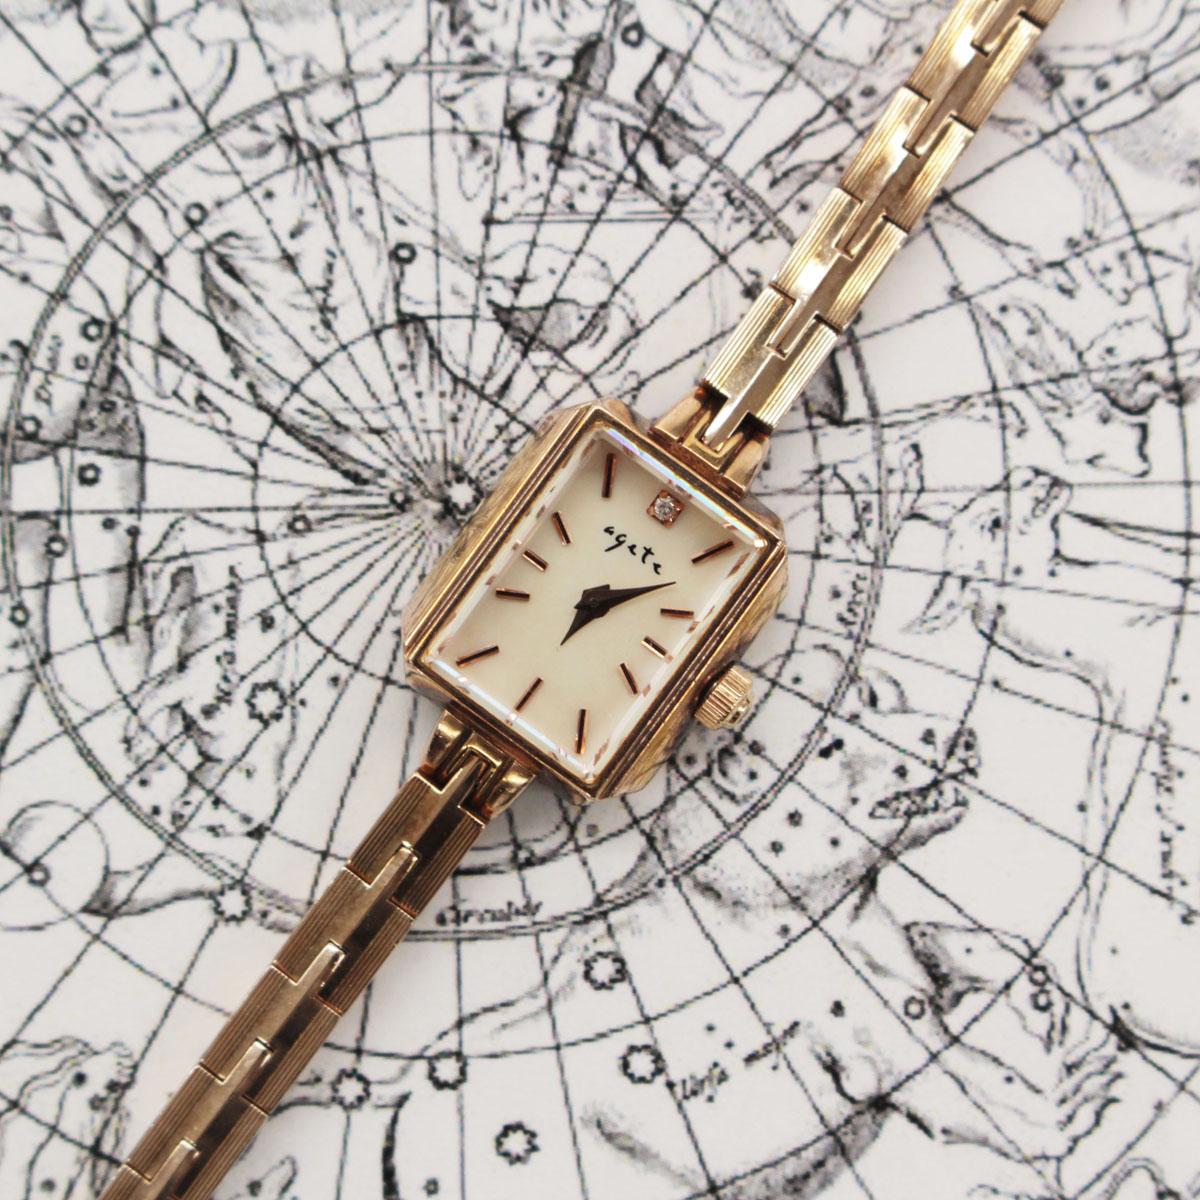 【中古】【電池交換済 稼働品】agete アガット SILVER GP クォーツ腕時計 チェーン取れ ピンクゴールド  20140-CH1218